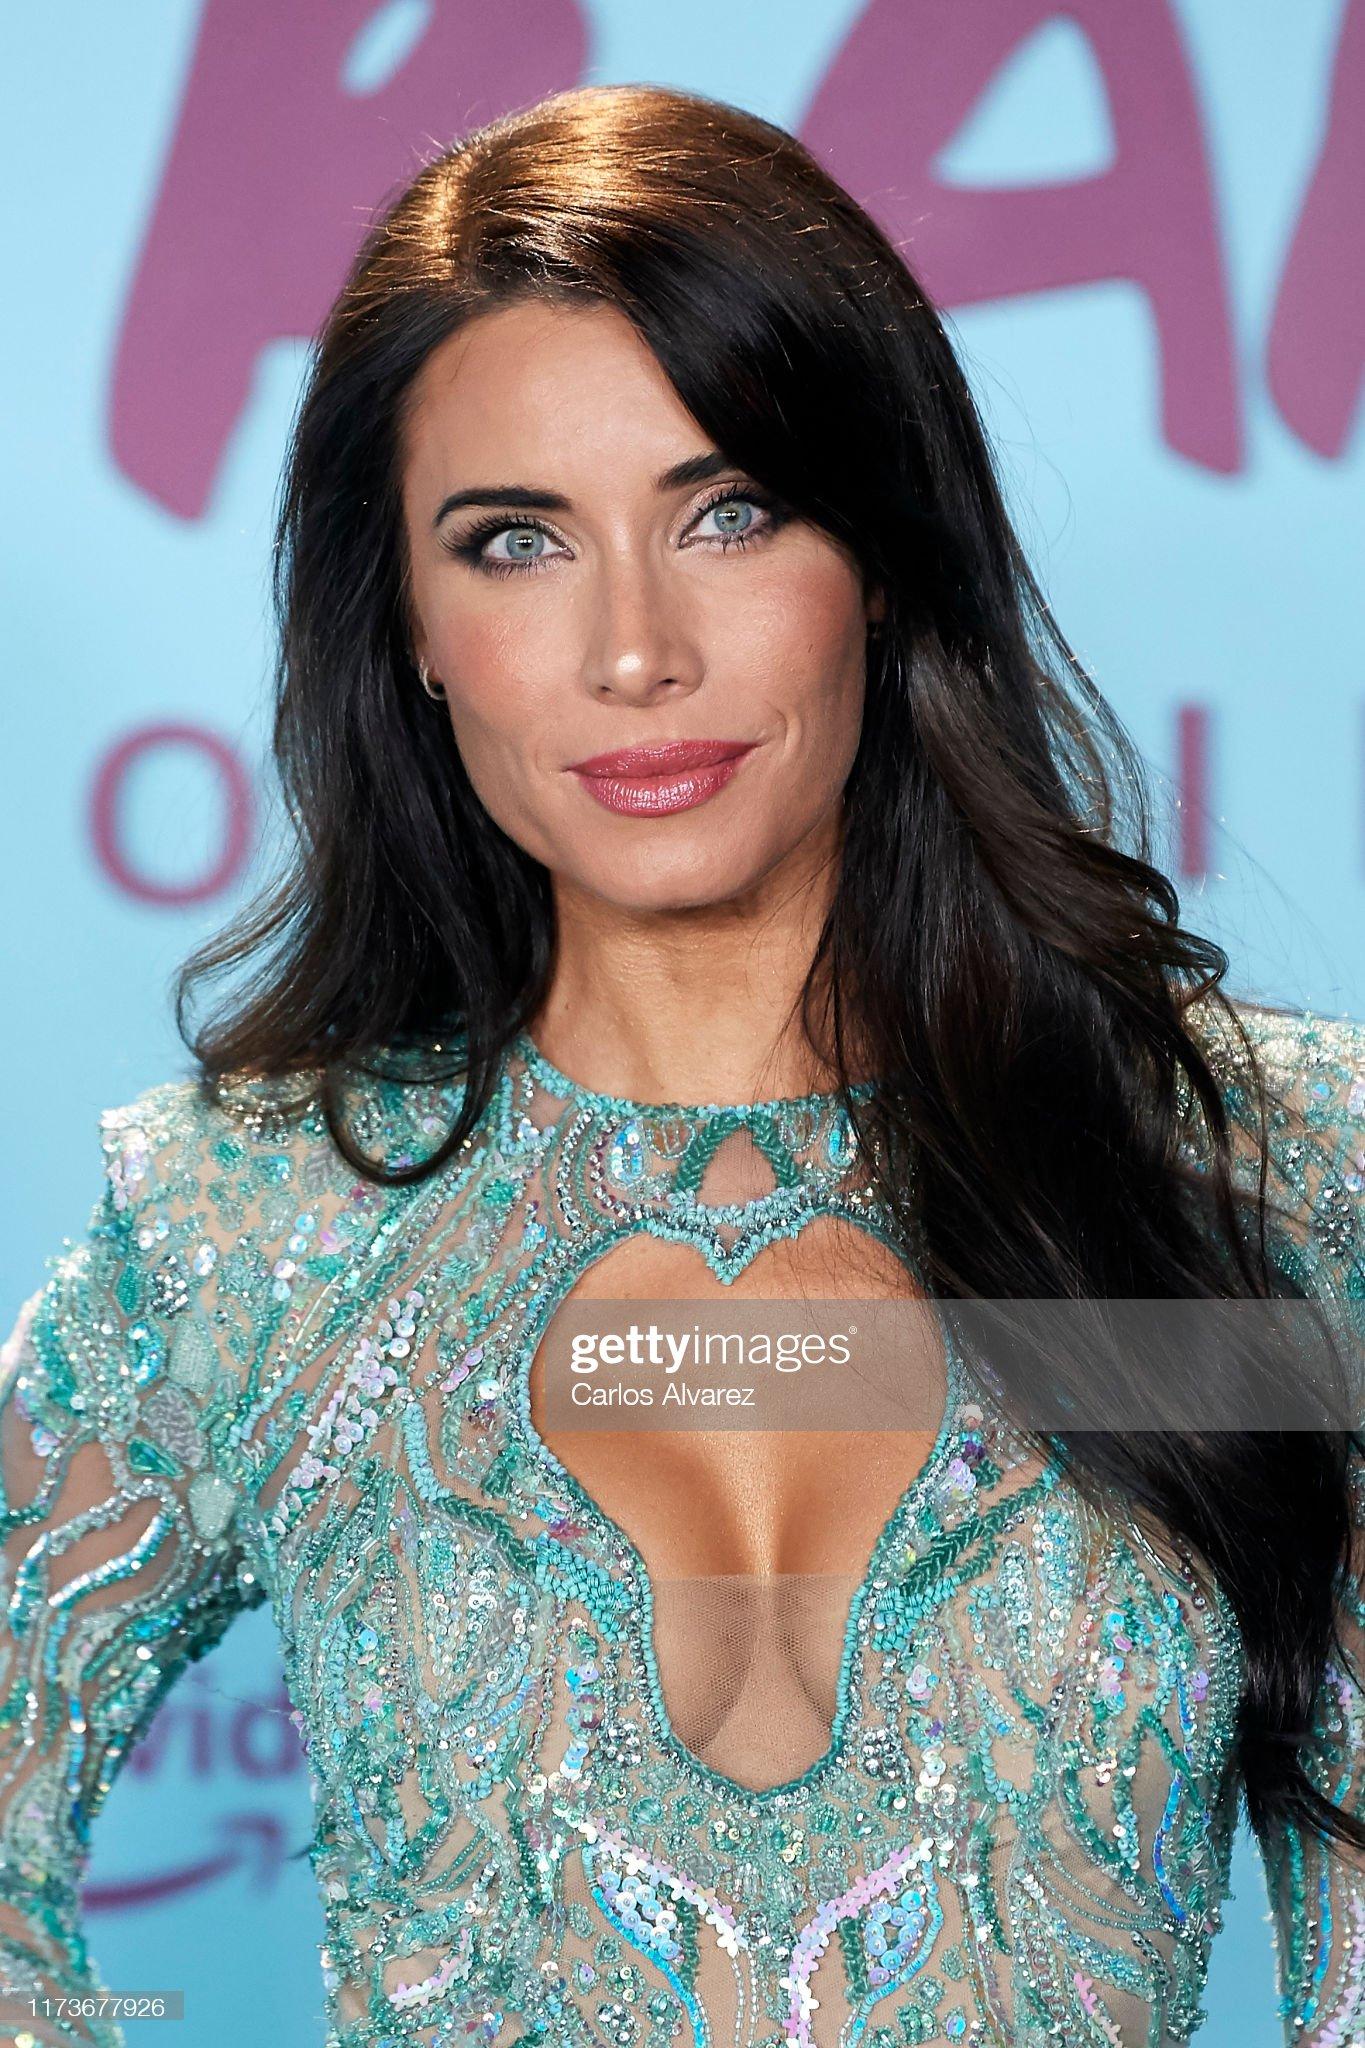 Ojos azules - personas famosas con los ojos de color AZUL Pilar-rubio-attends-el-corazon-de-sergio-ramos-premiere-at-the-reina-picture-id1173677926?s=2048x2048